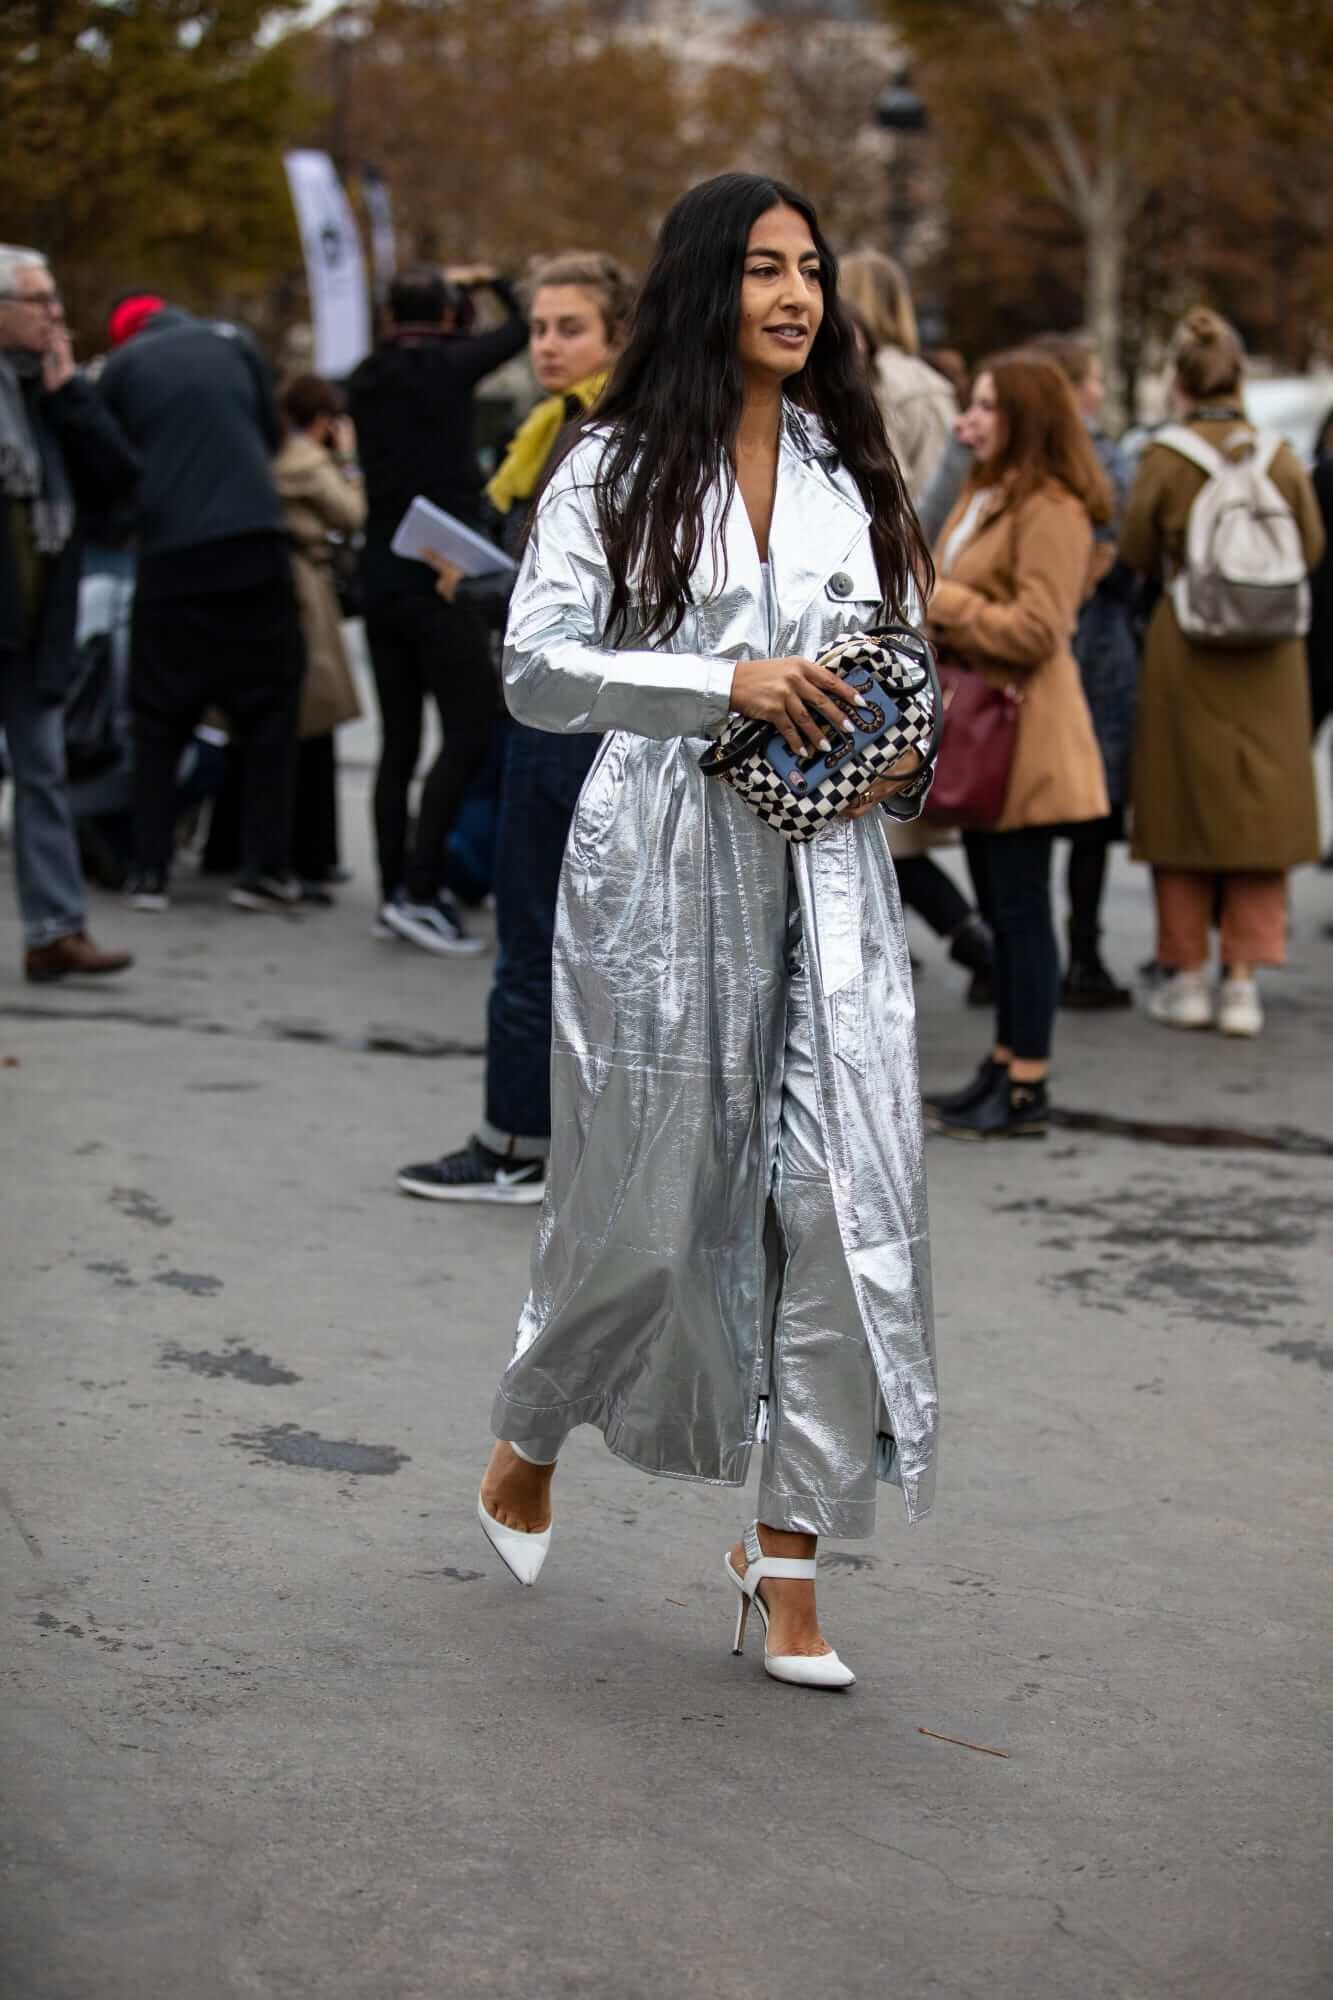 paris-fashion-week-spring-2019-street-style-day-9-5